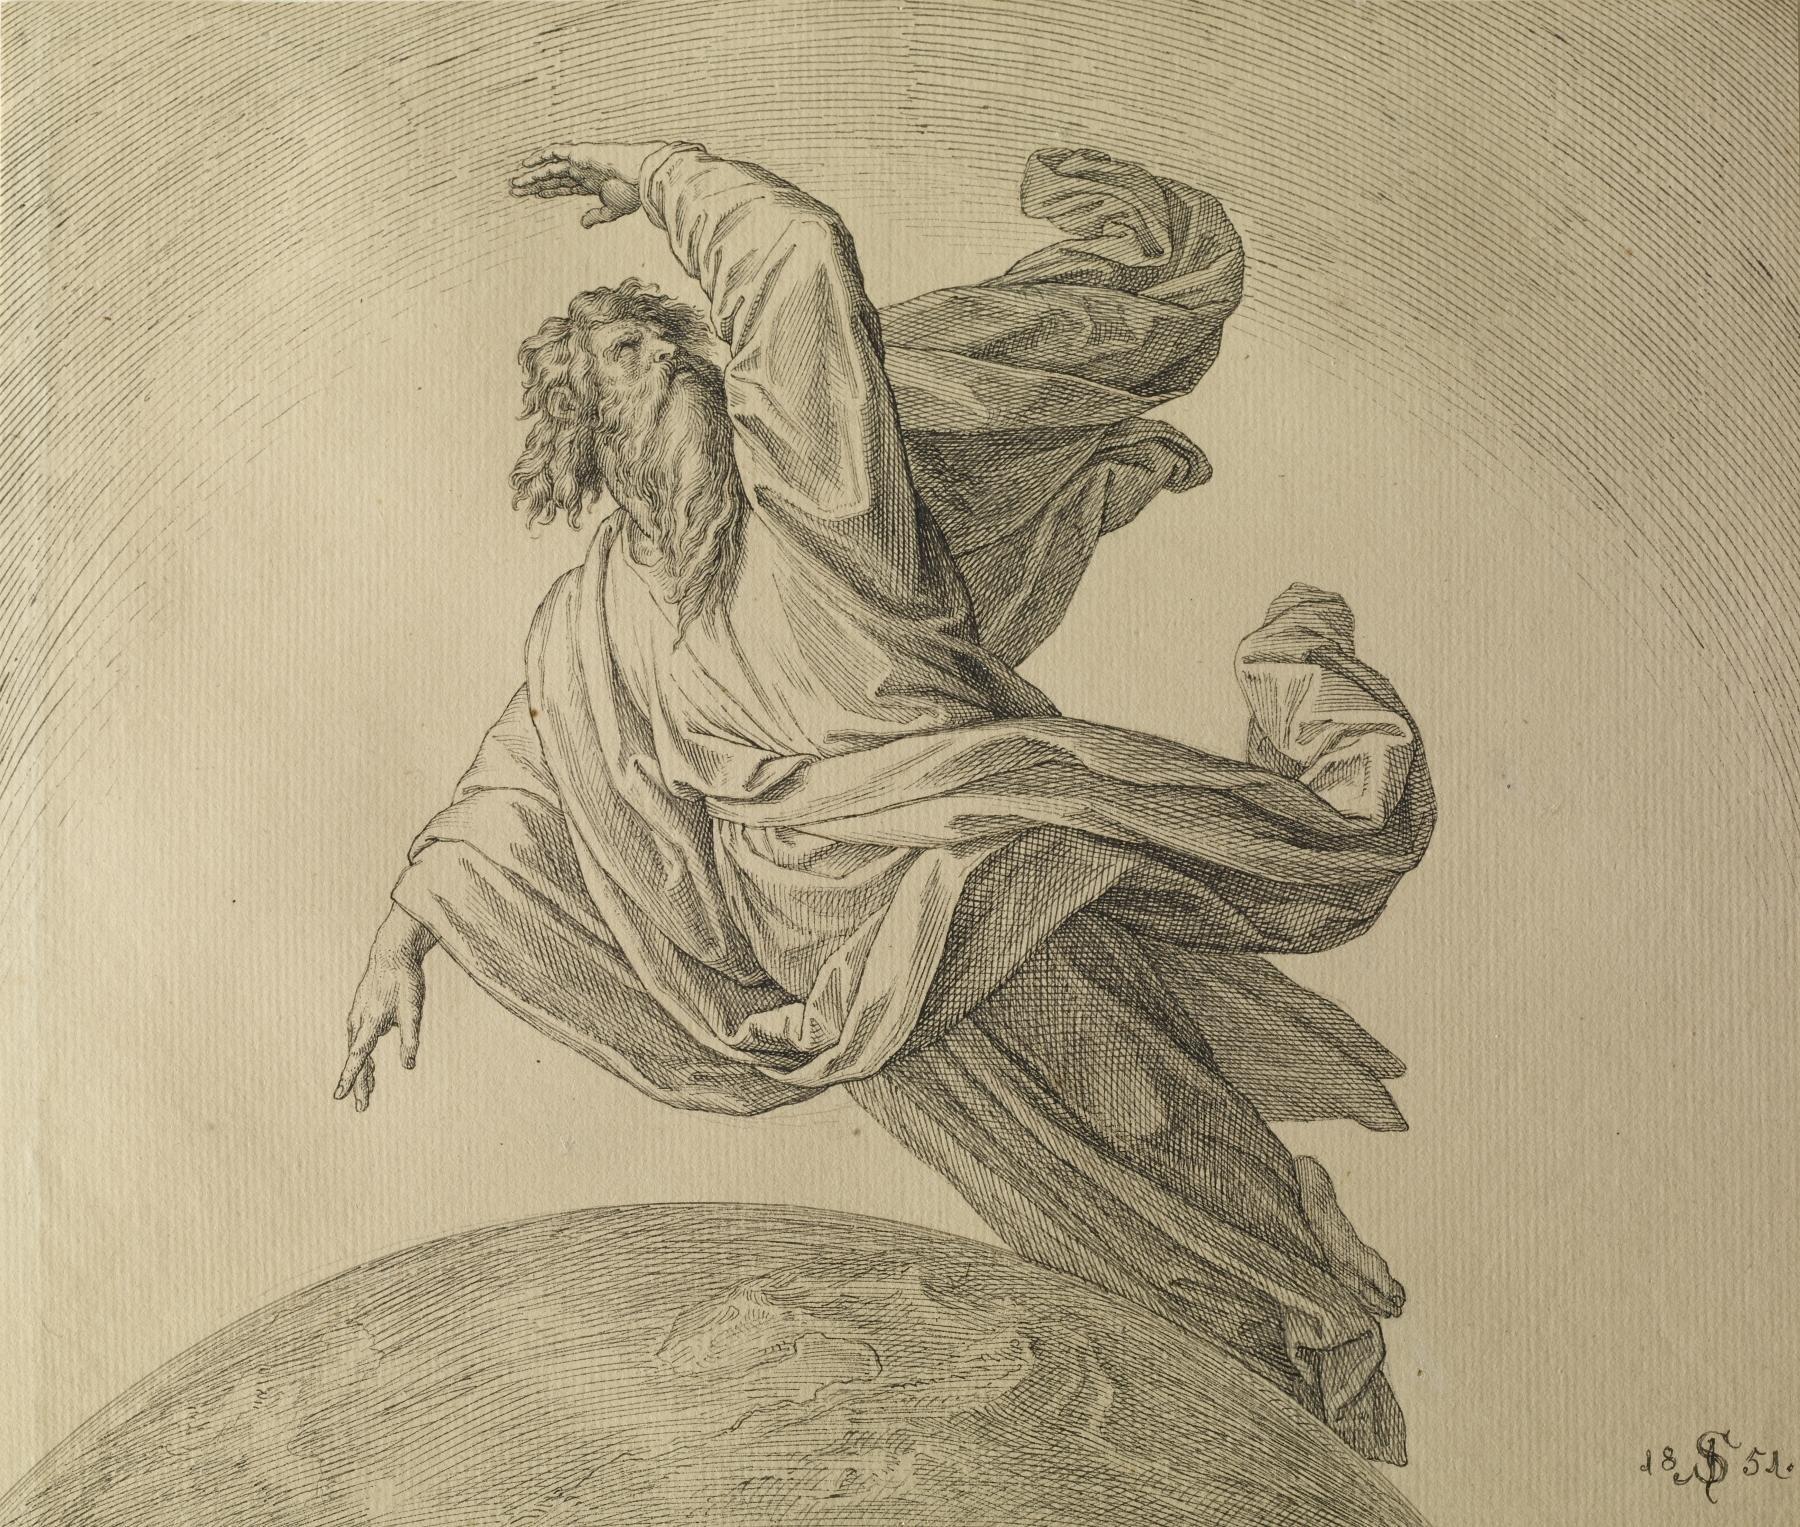 Bóg Ojciec tworzący świat Źródło: Carl Ferdinand Sohn, Bóg Ojciec tworzący świat, 1851, rysunek piórem iatrament na papierze, Walters Art Museum, USA, domena publiczna.